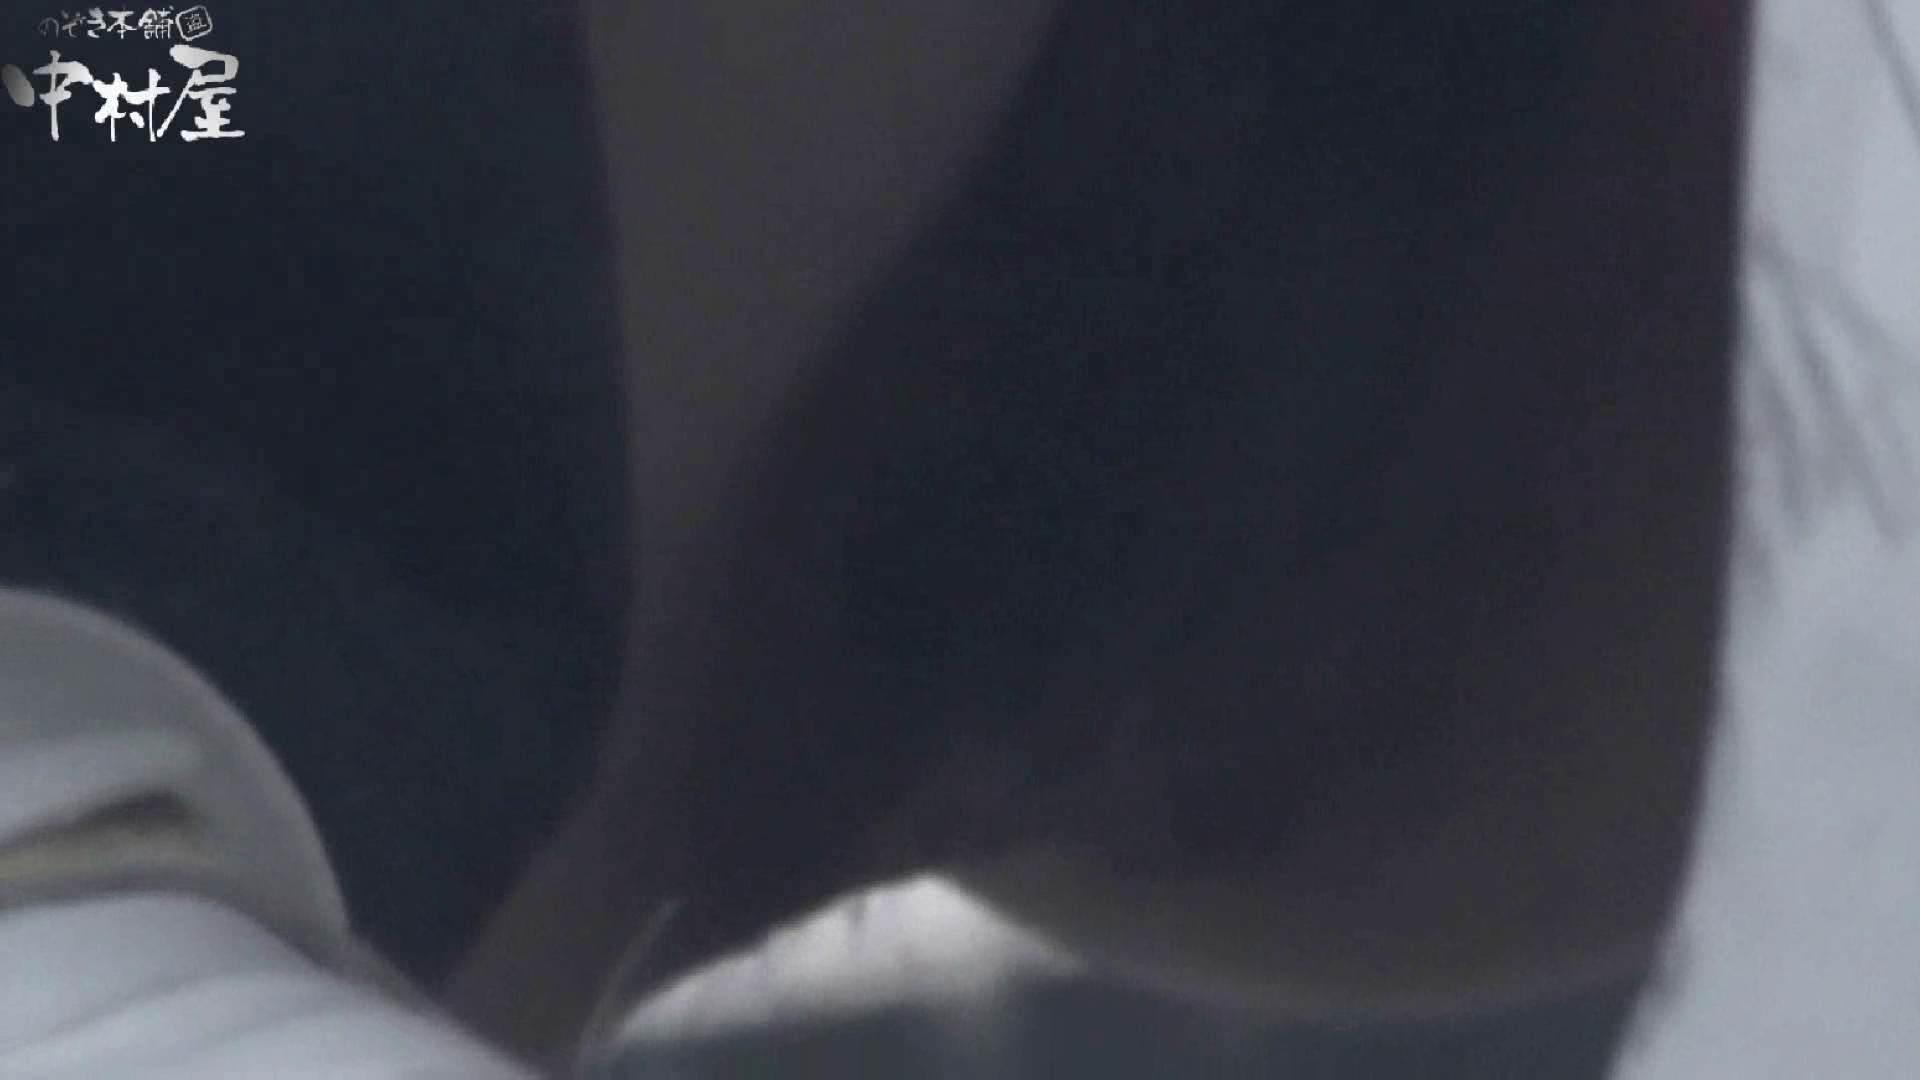 解禁!海の家4カメ洗面所vol.18 洗面所   人気シリーズ  75画像 60